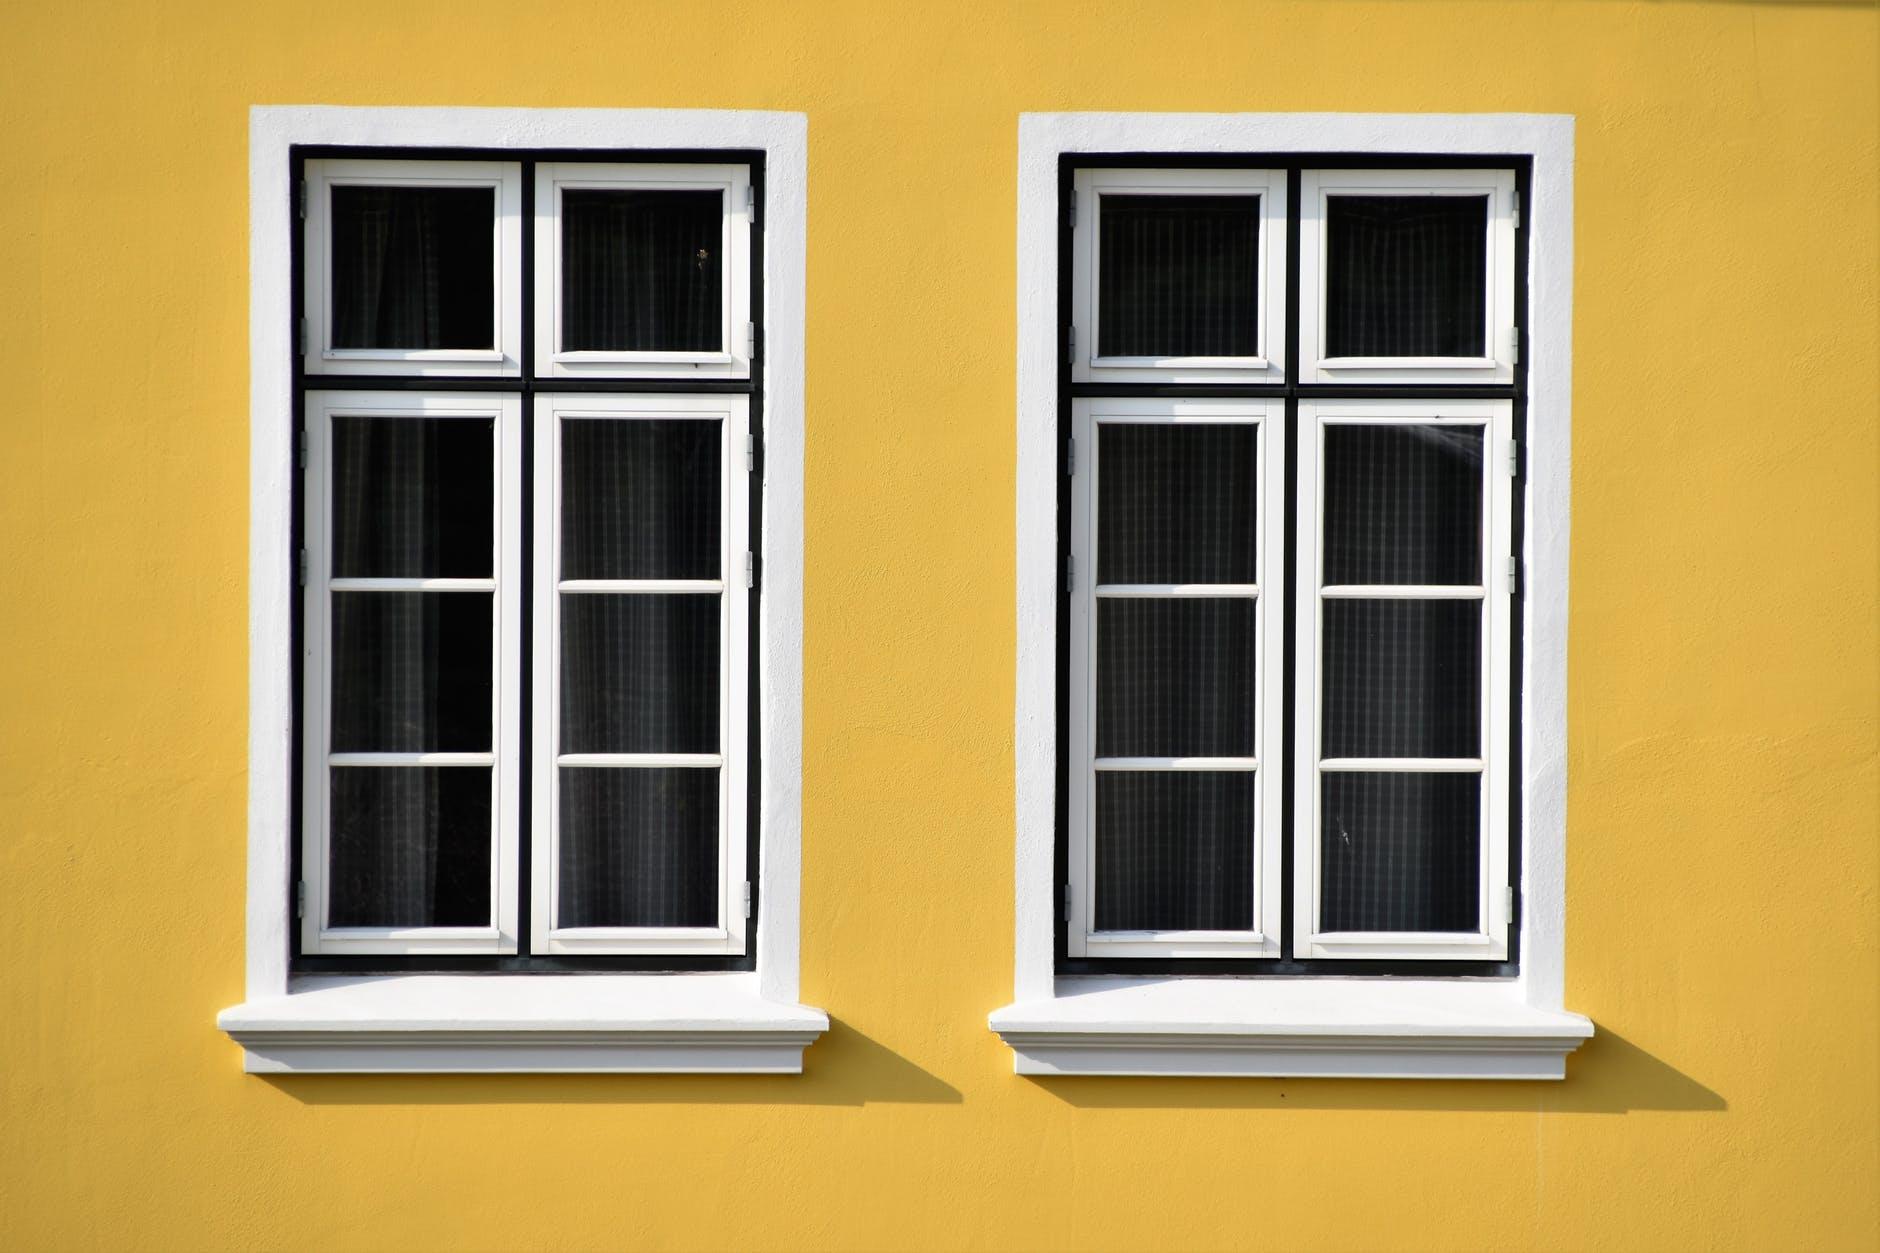 Ce qu'il faut savoir sur la prise en charge de bris de glace en assurance habitation